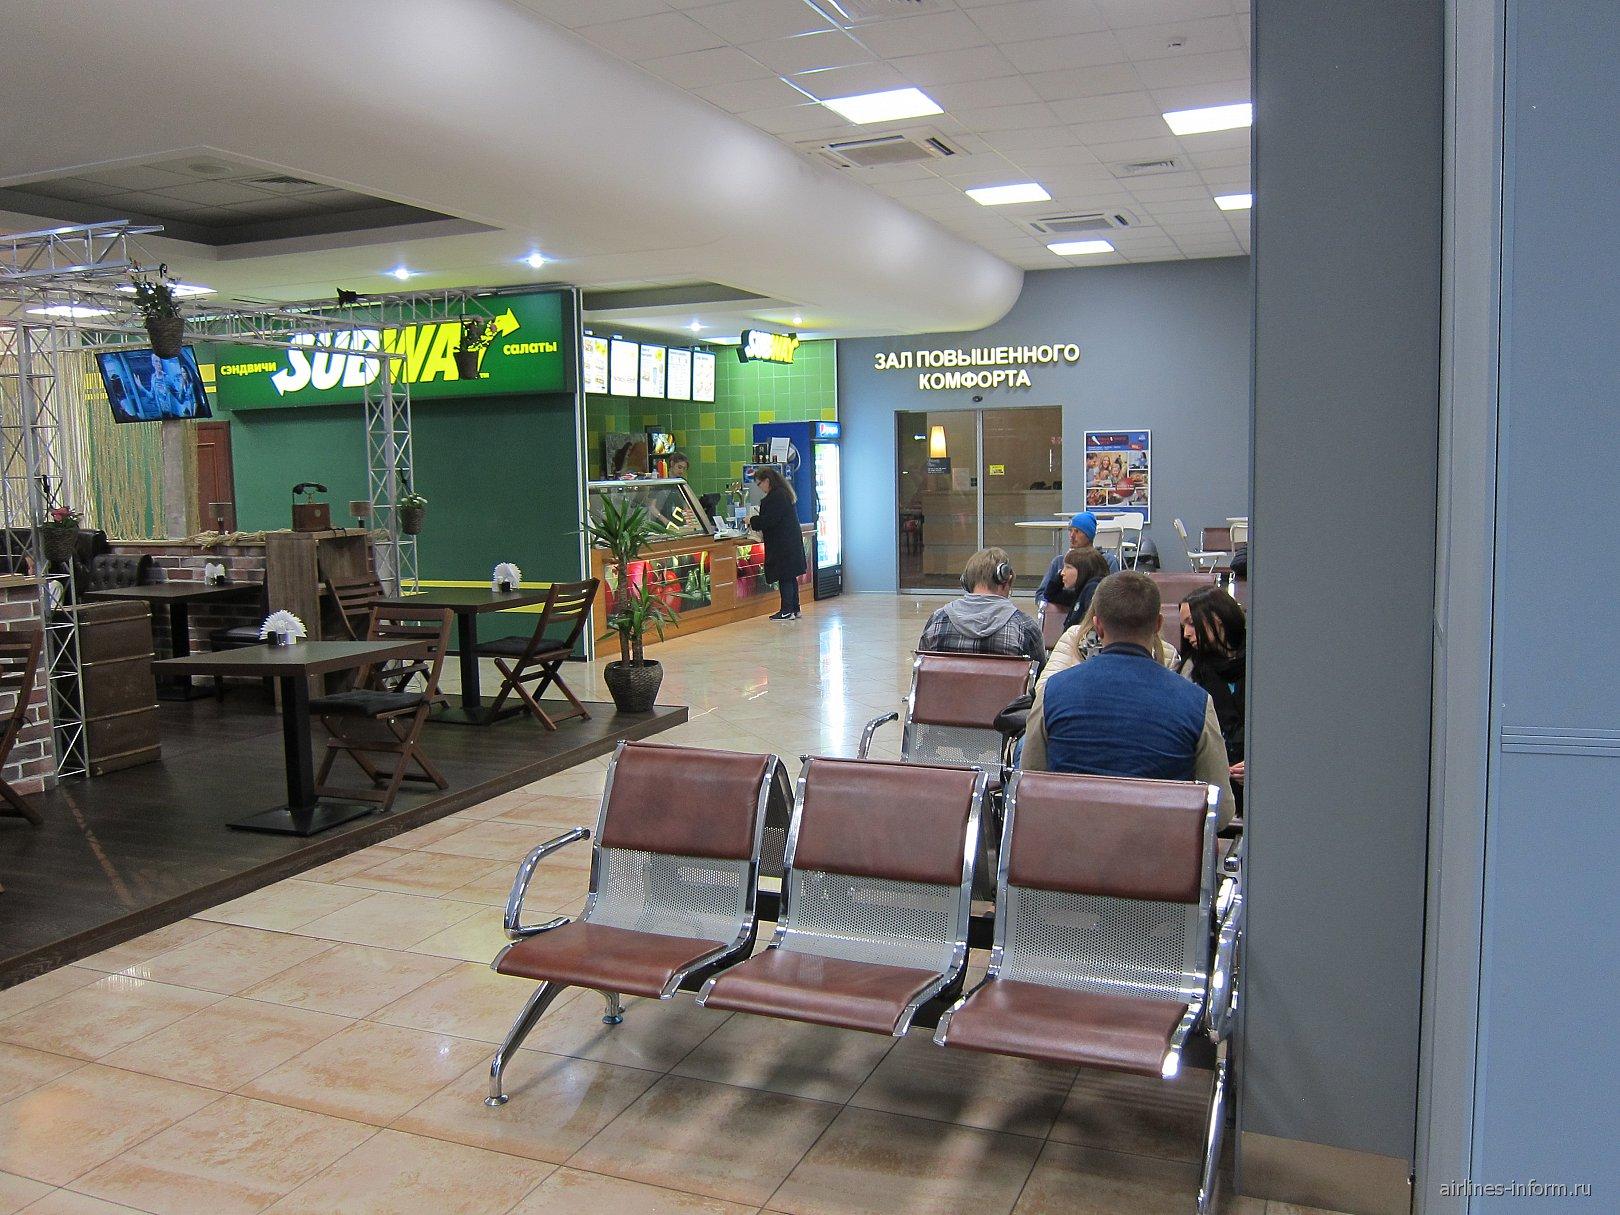 Кафе и вход в зал повышенной комфортности на 2-м этаже чистой зоны аэропорта Краснодара